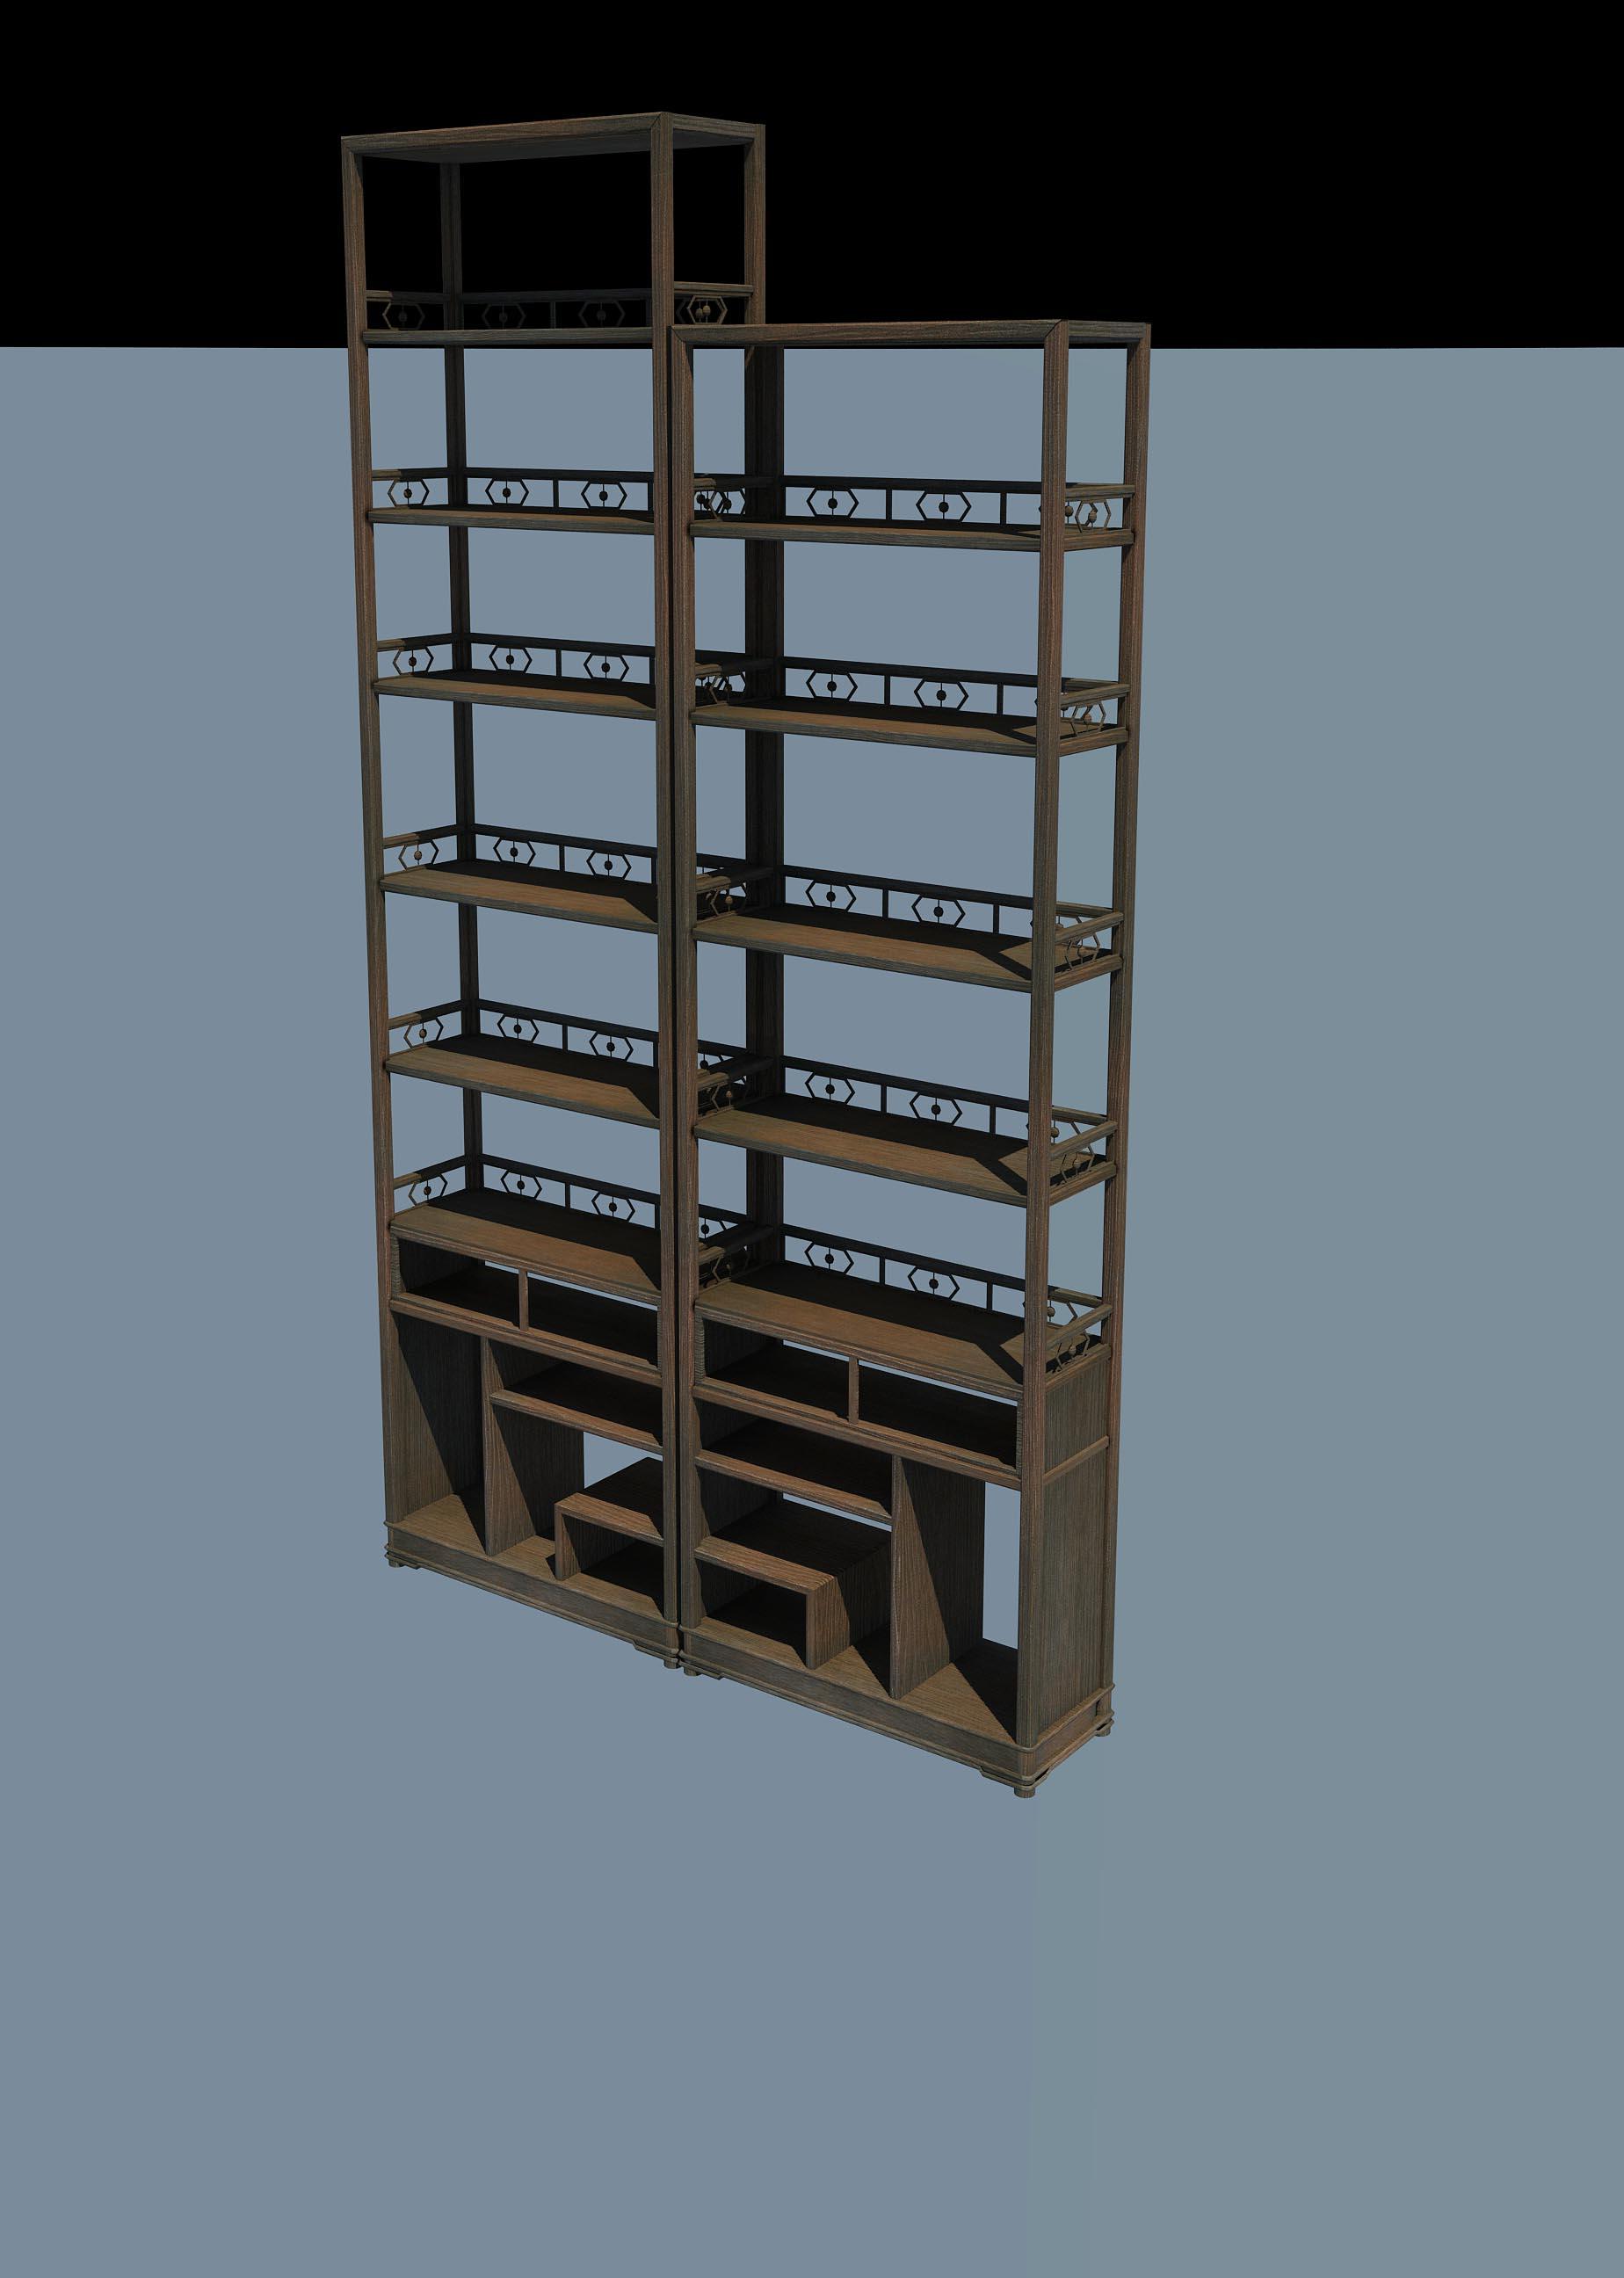 PBR 西方 古代 欧洲 复古 书柜 书架 陈列架 陈列柜 书 女神像 花瓶 古董钟 图书馆